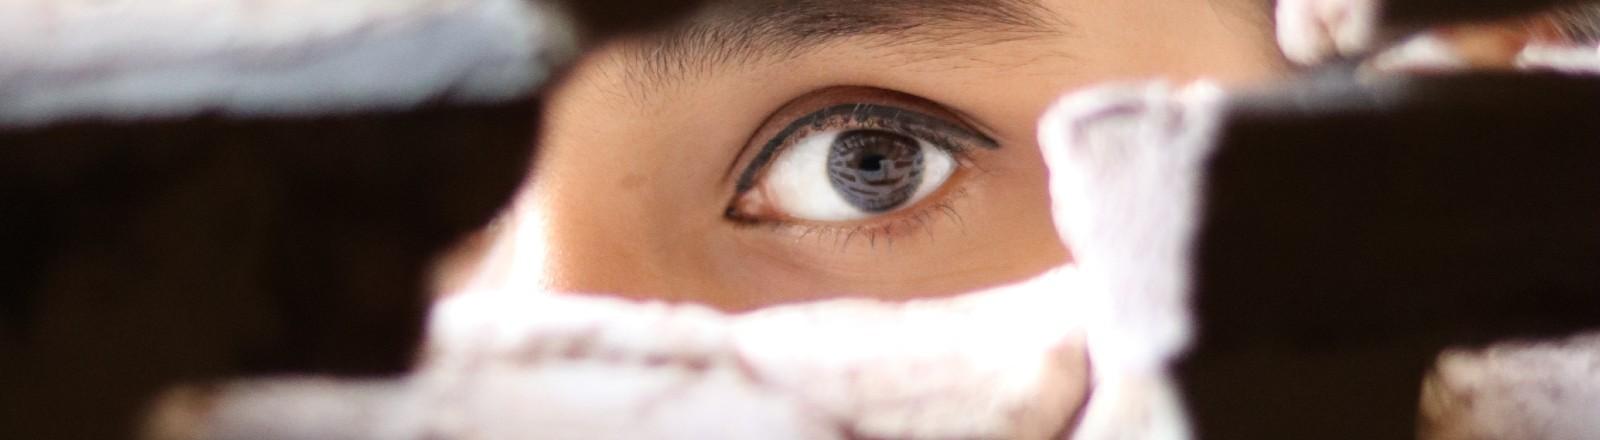 Eine Frau späht durch ein Loch in einer Wand und man sieht nur ihr Auge.